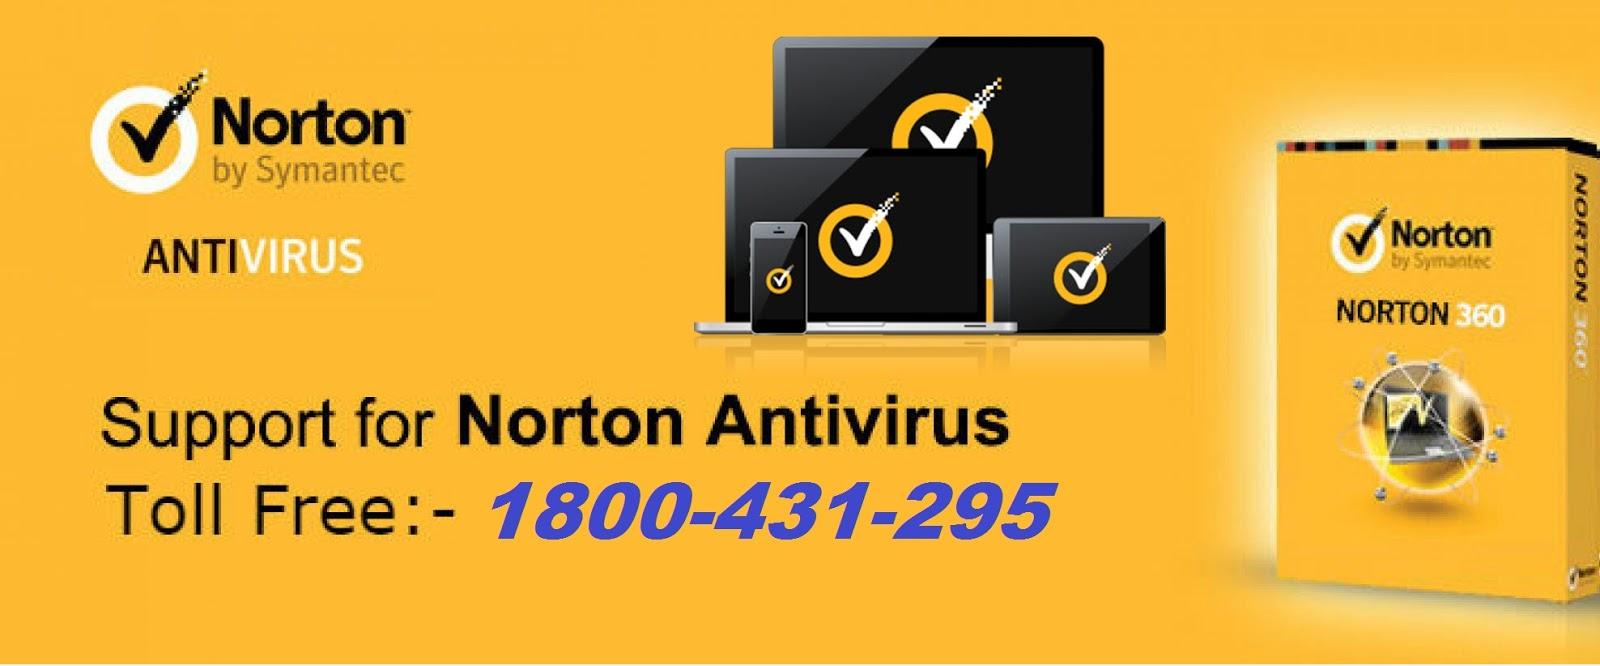 Norton support number australia